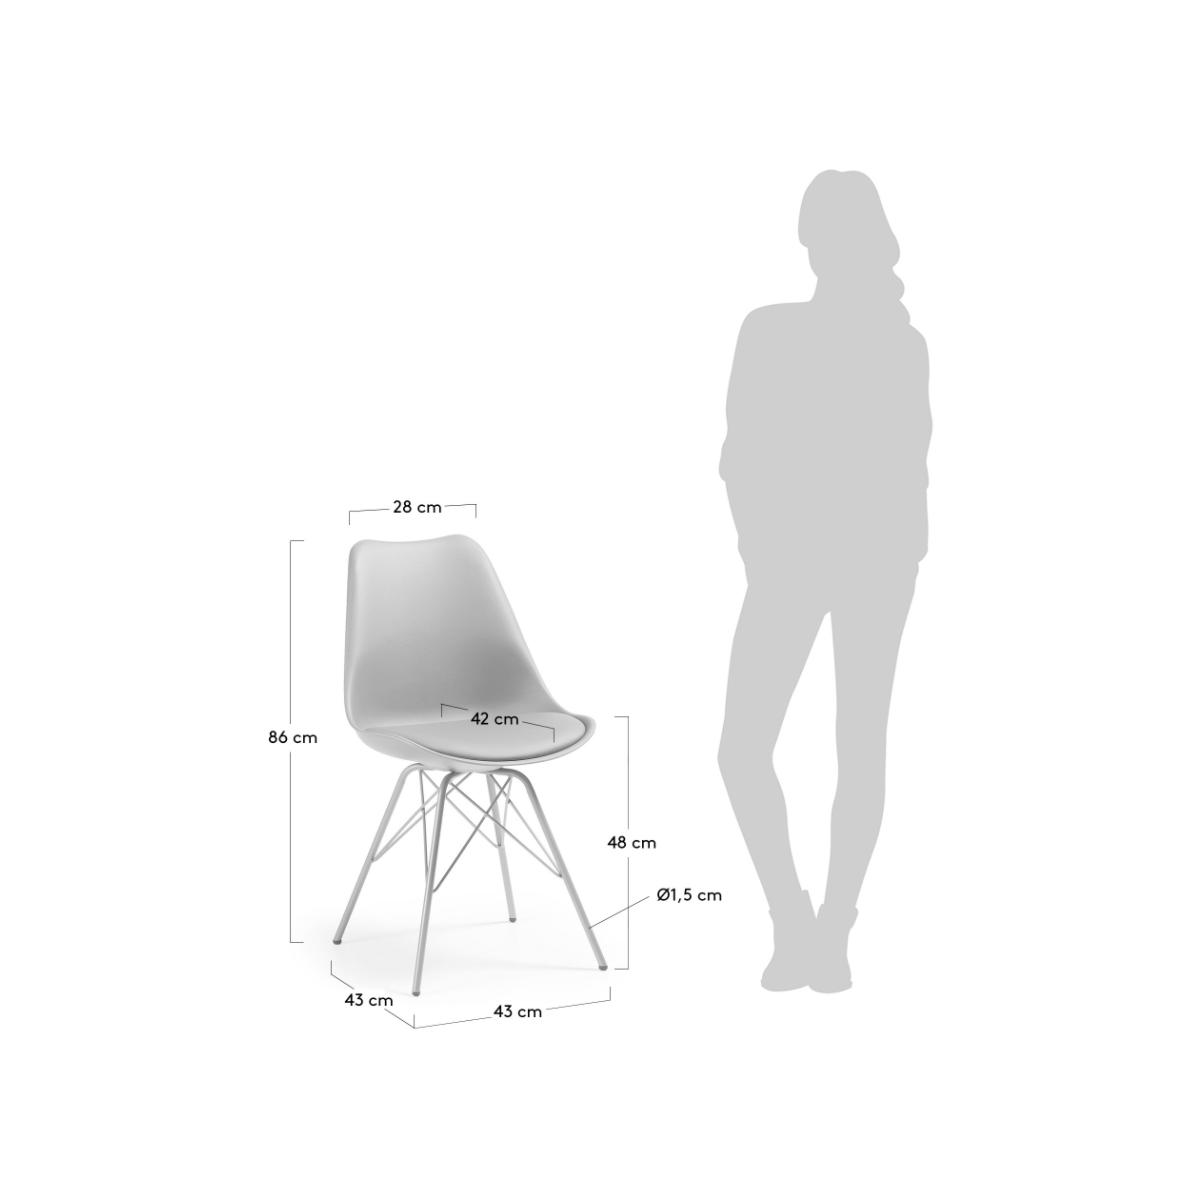 Silla comedor lars estructura de metal color gris mubeko for Sillas de comedor color gris